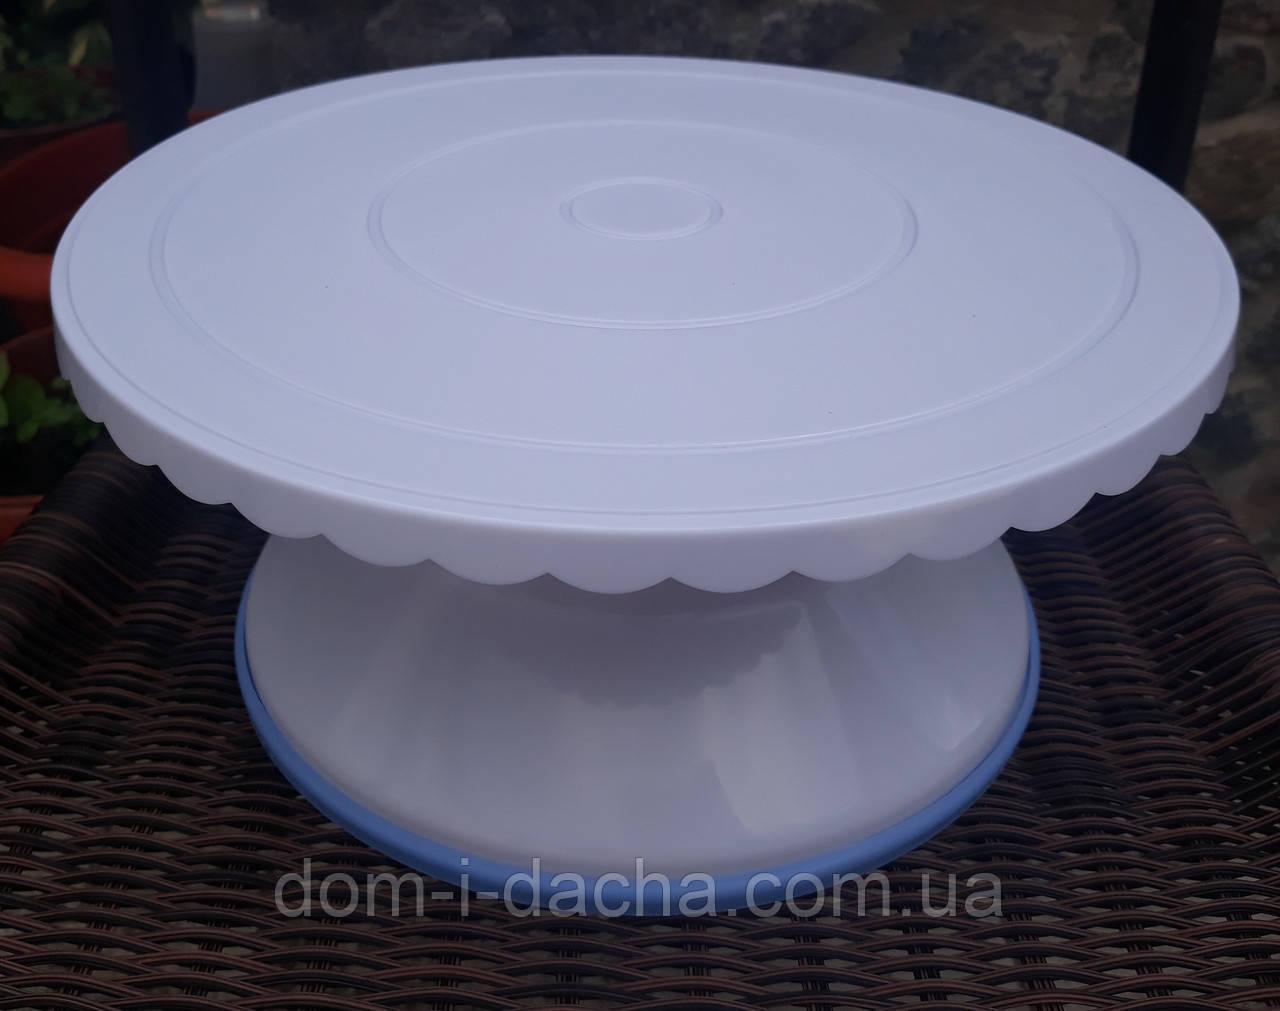 Столик поворотный кондитерский для торта 12 см-28 см пластик